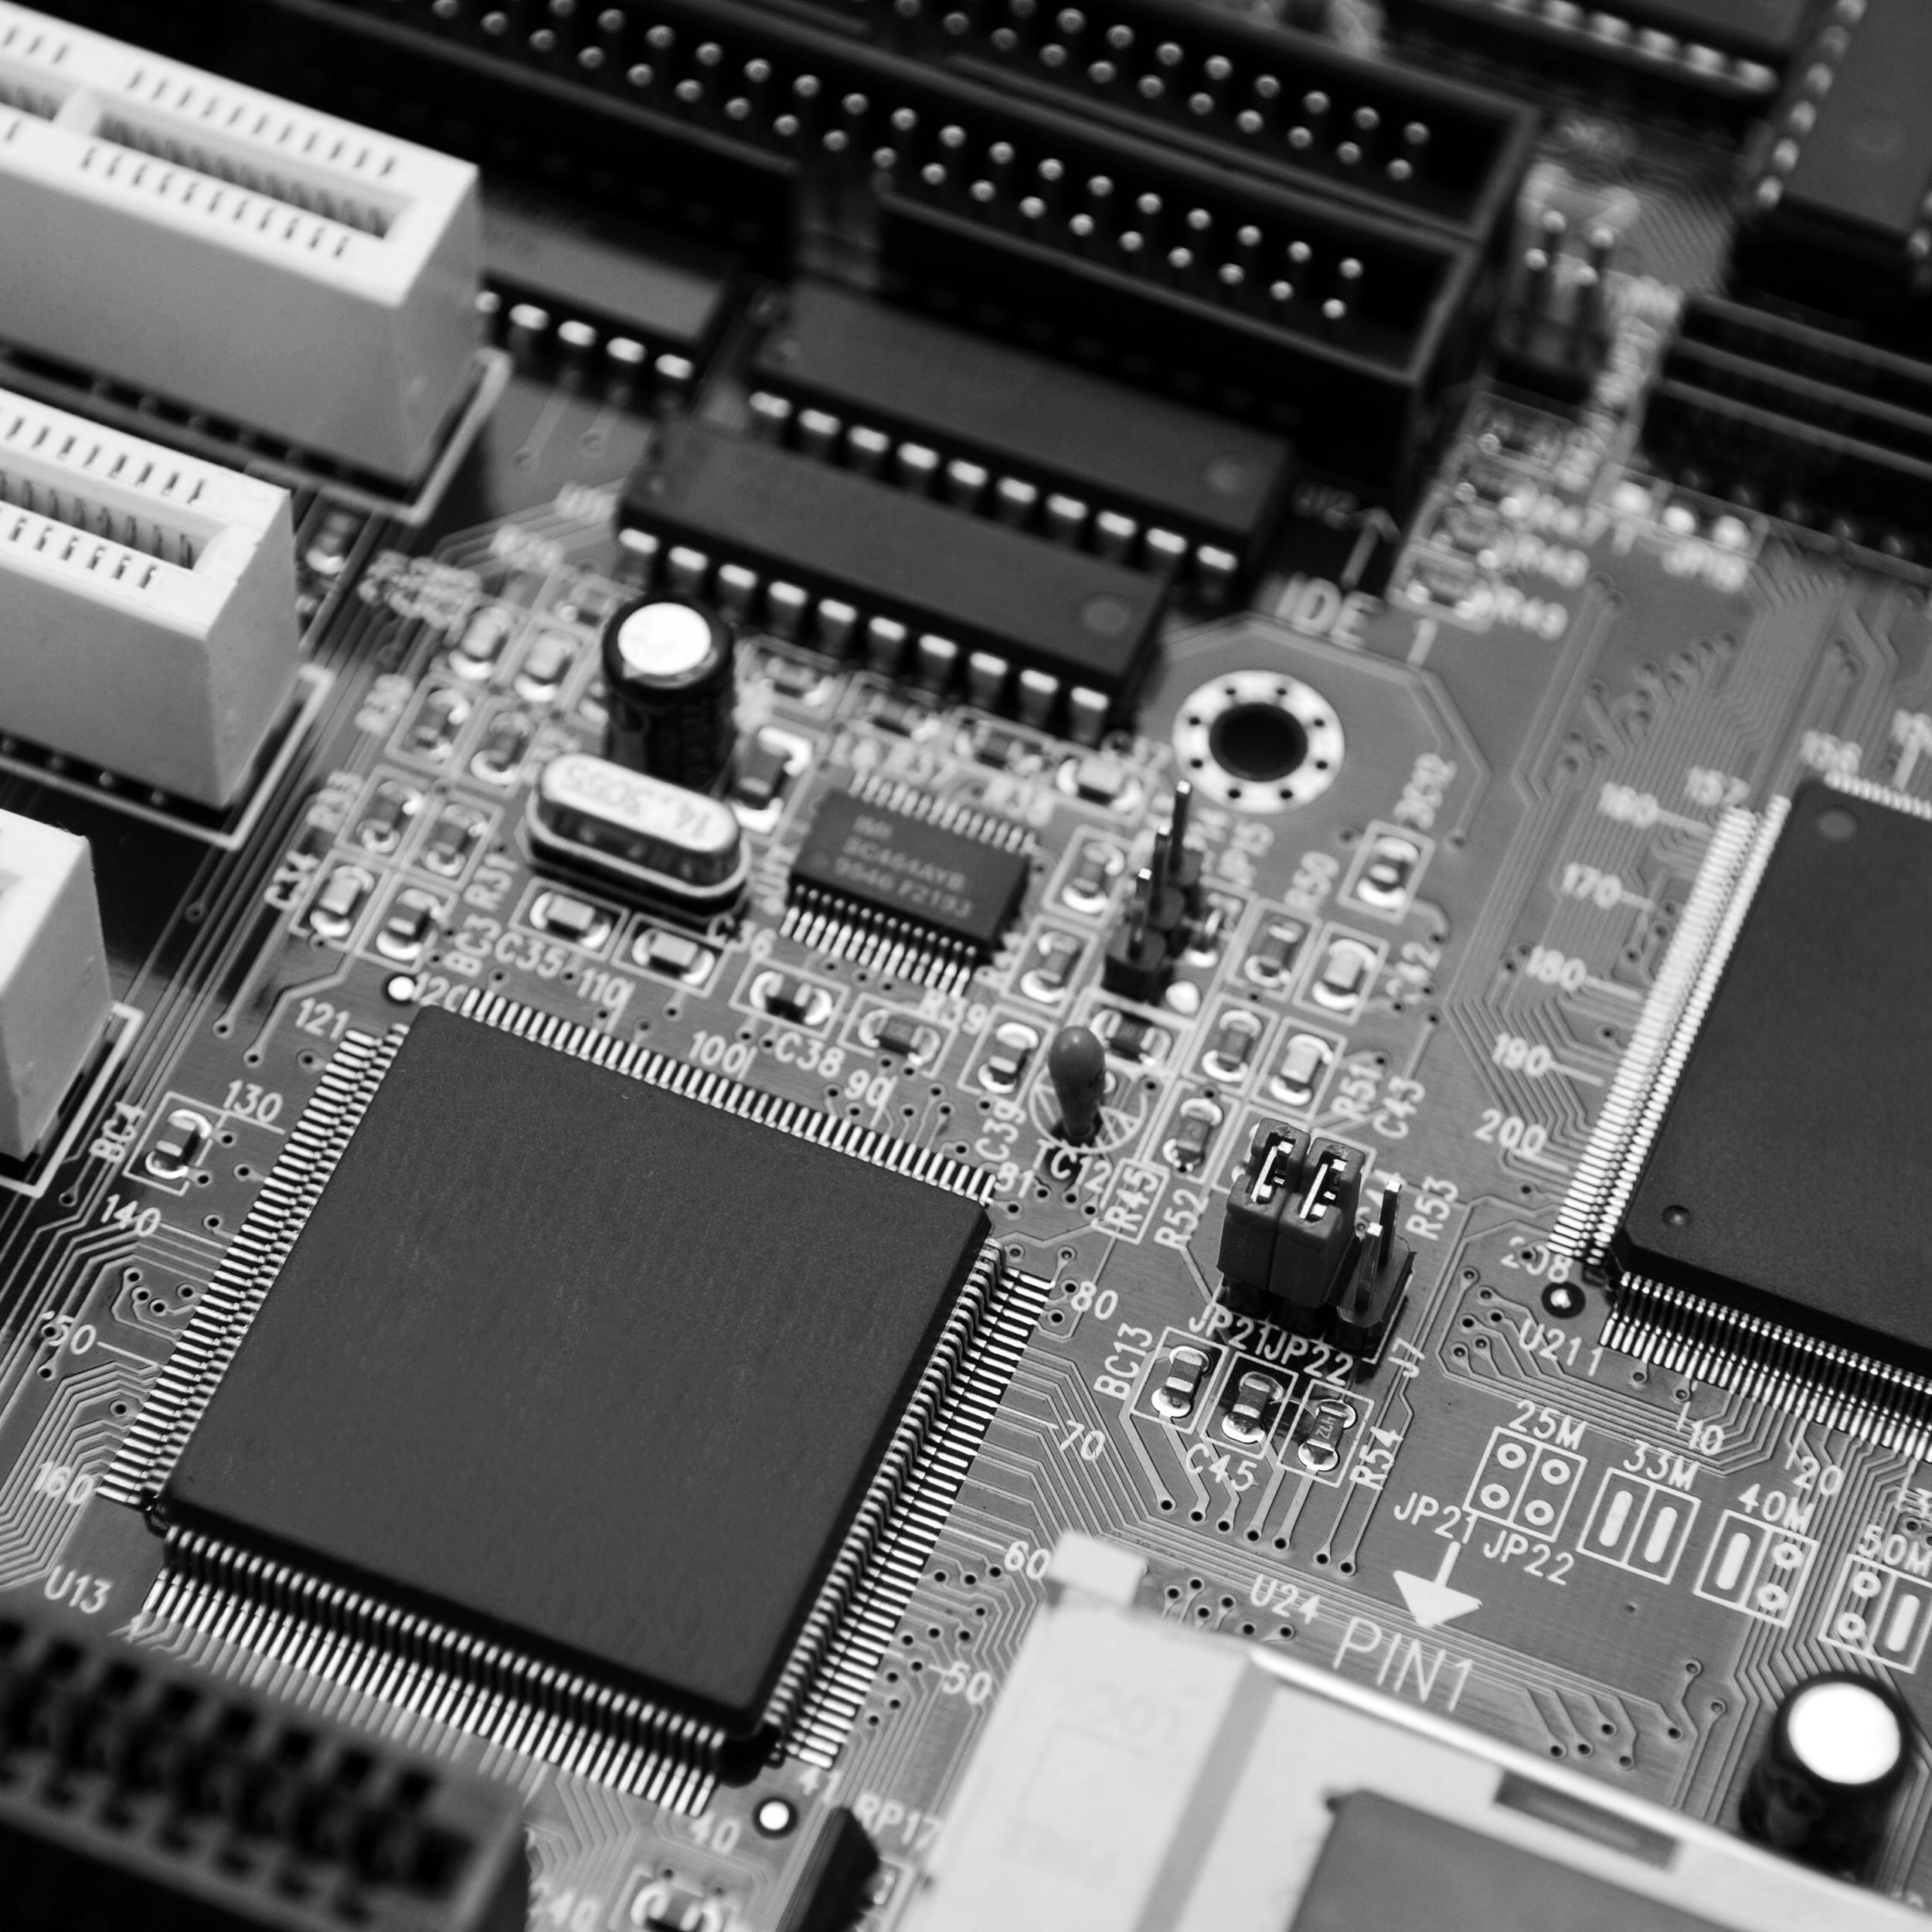 Circuitboard-bw.jpg